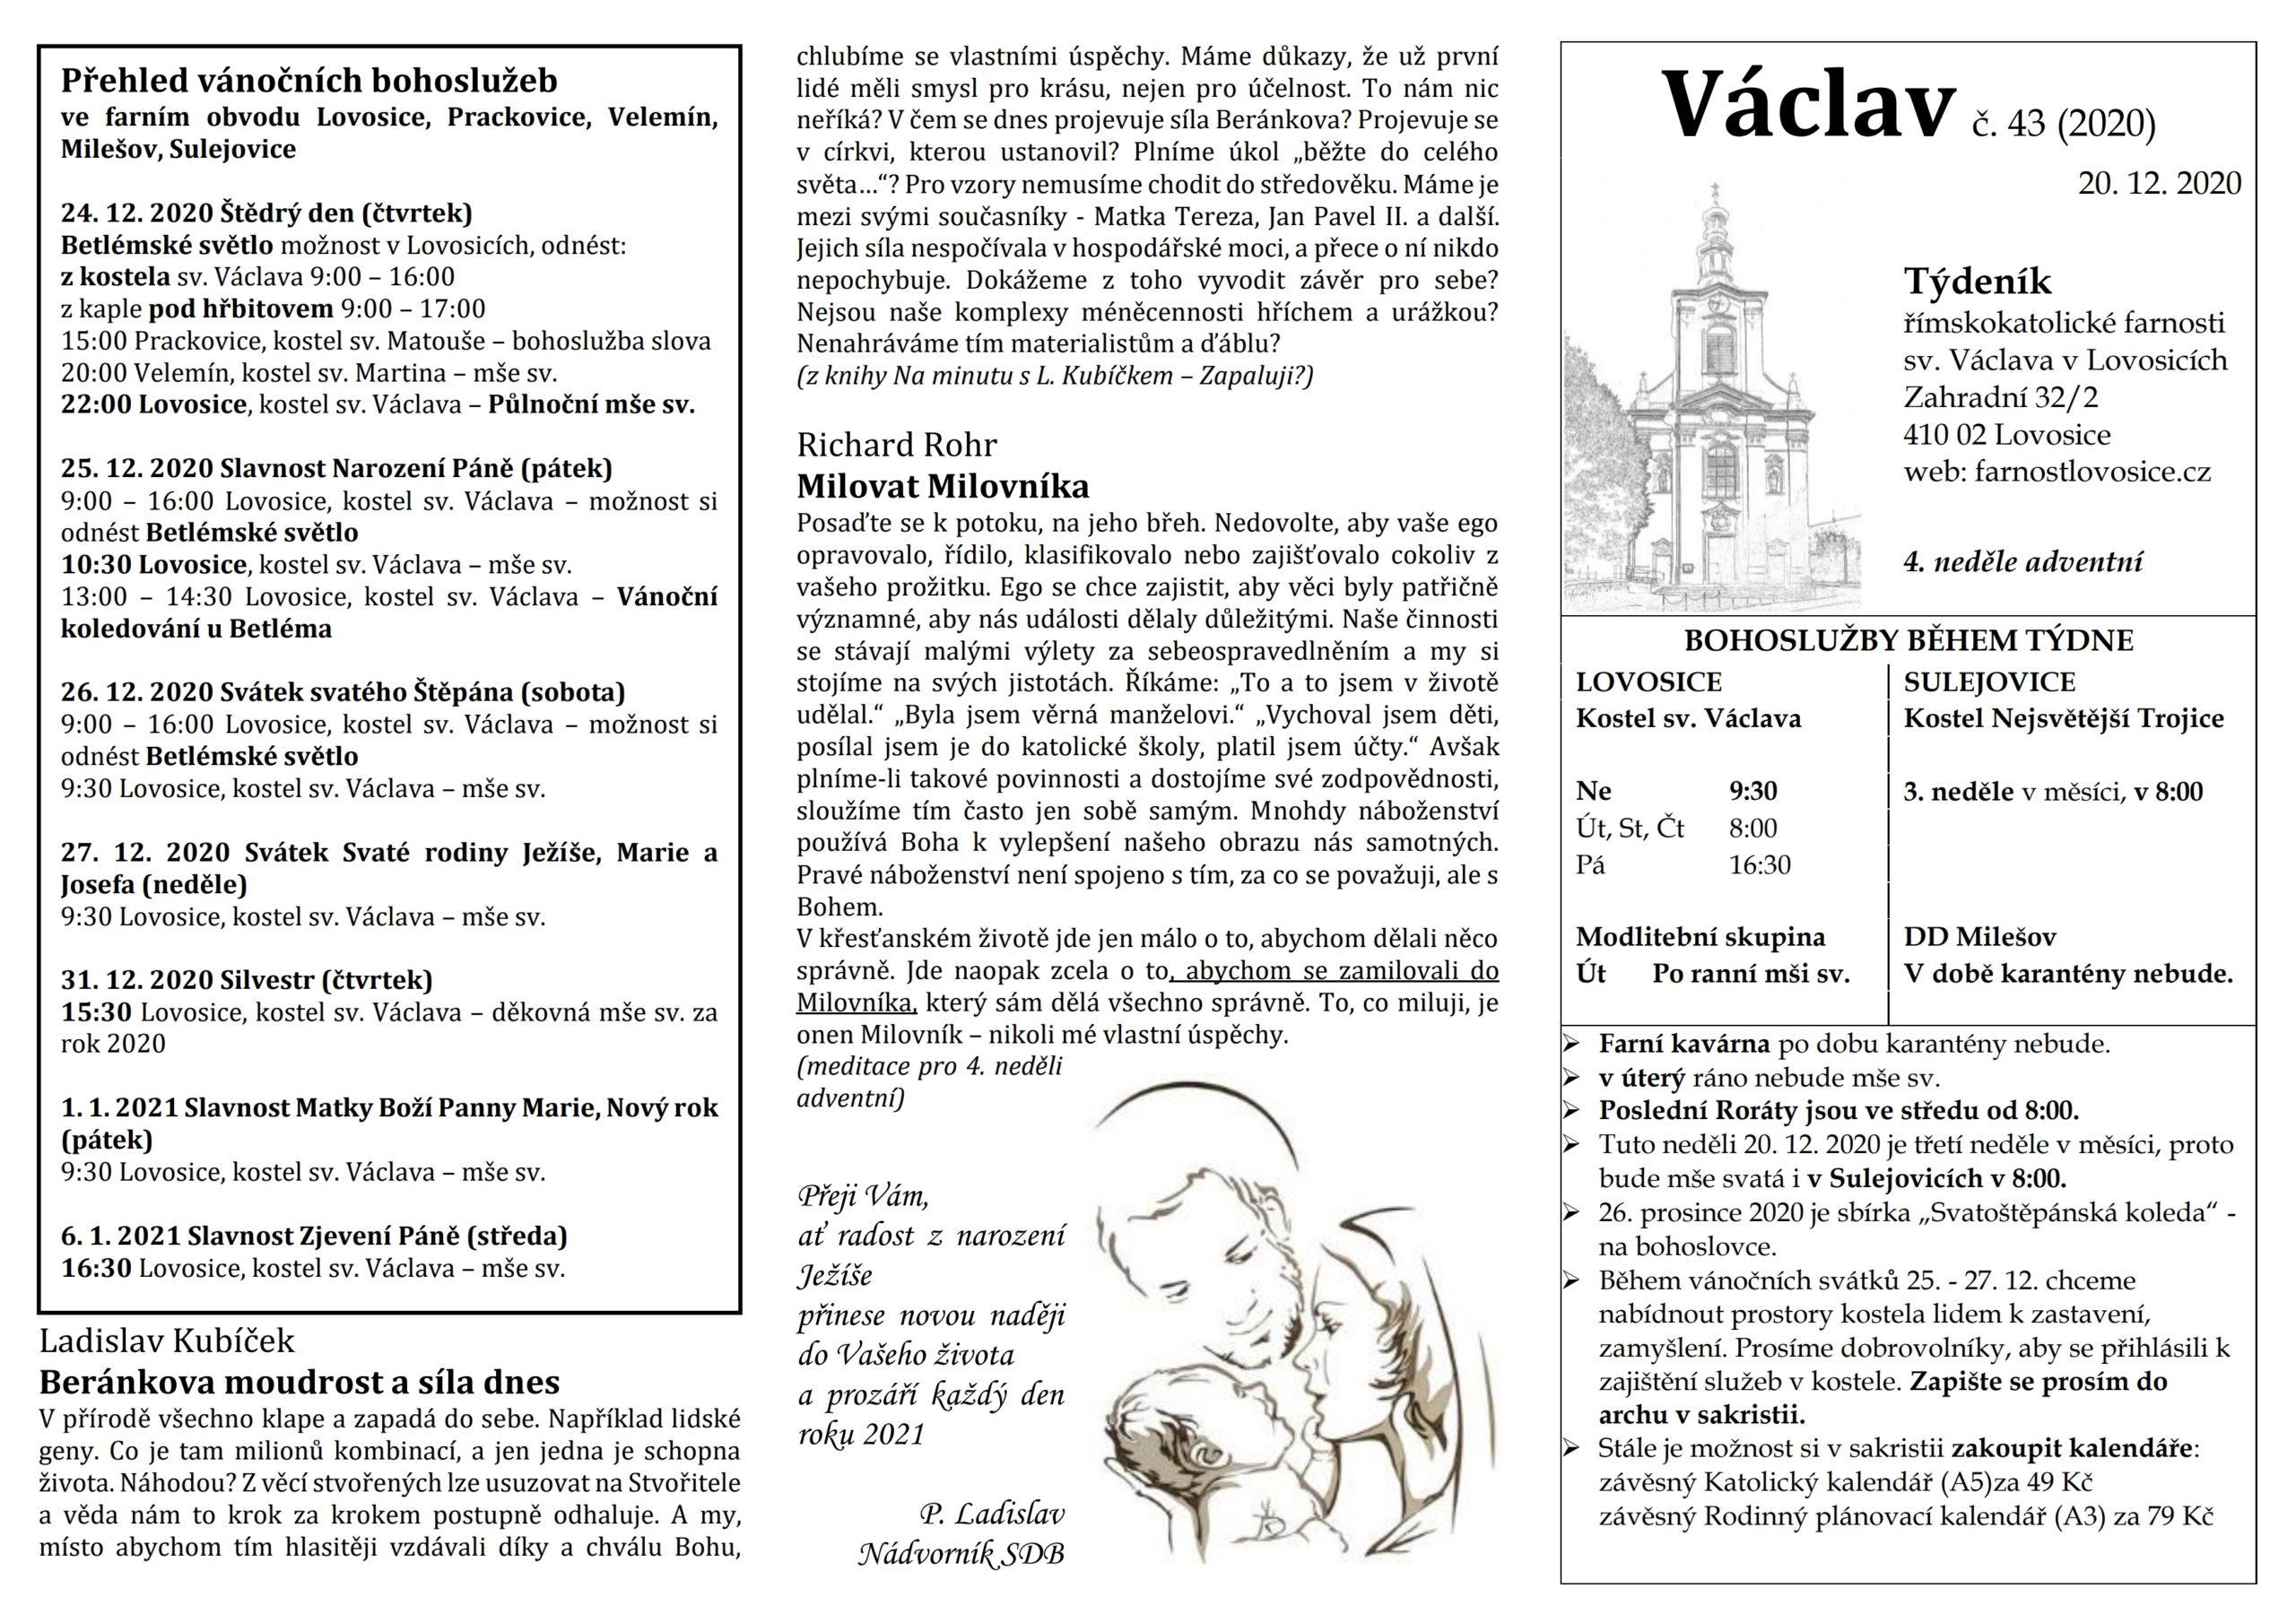 Václav 43.2020